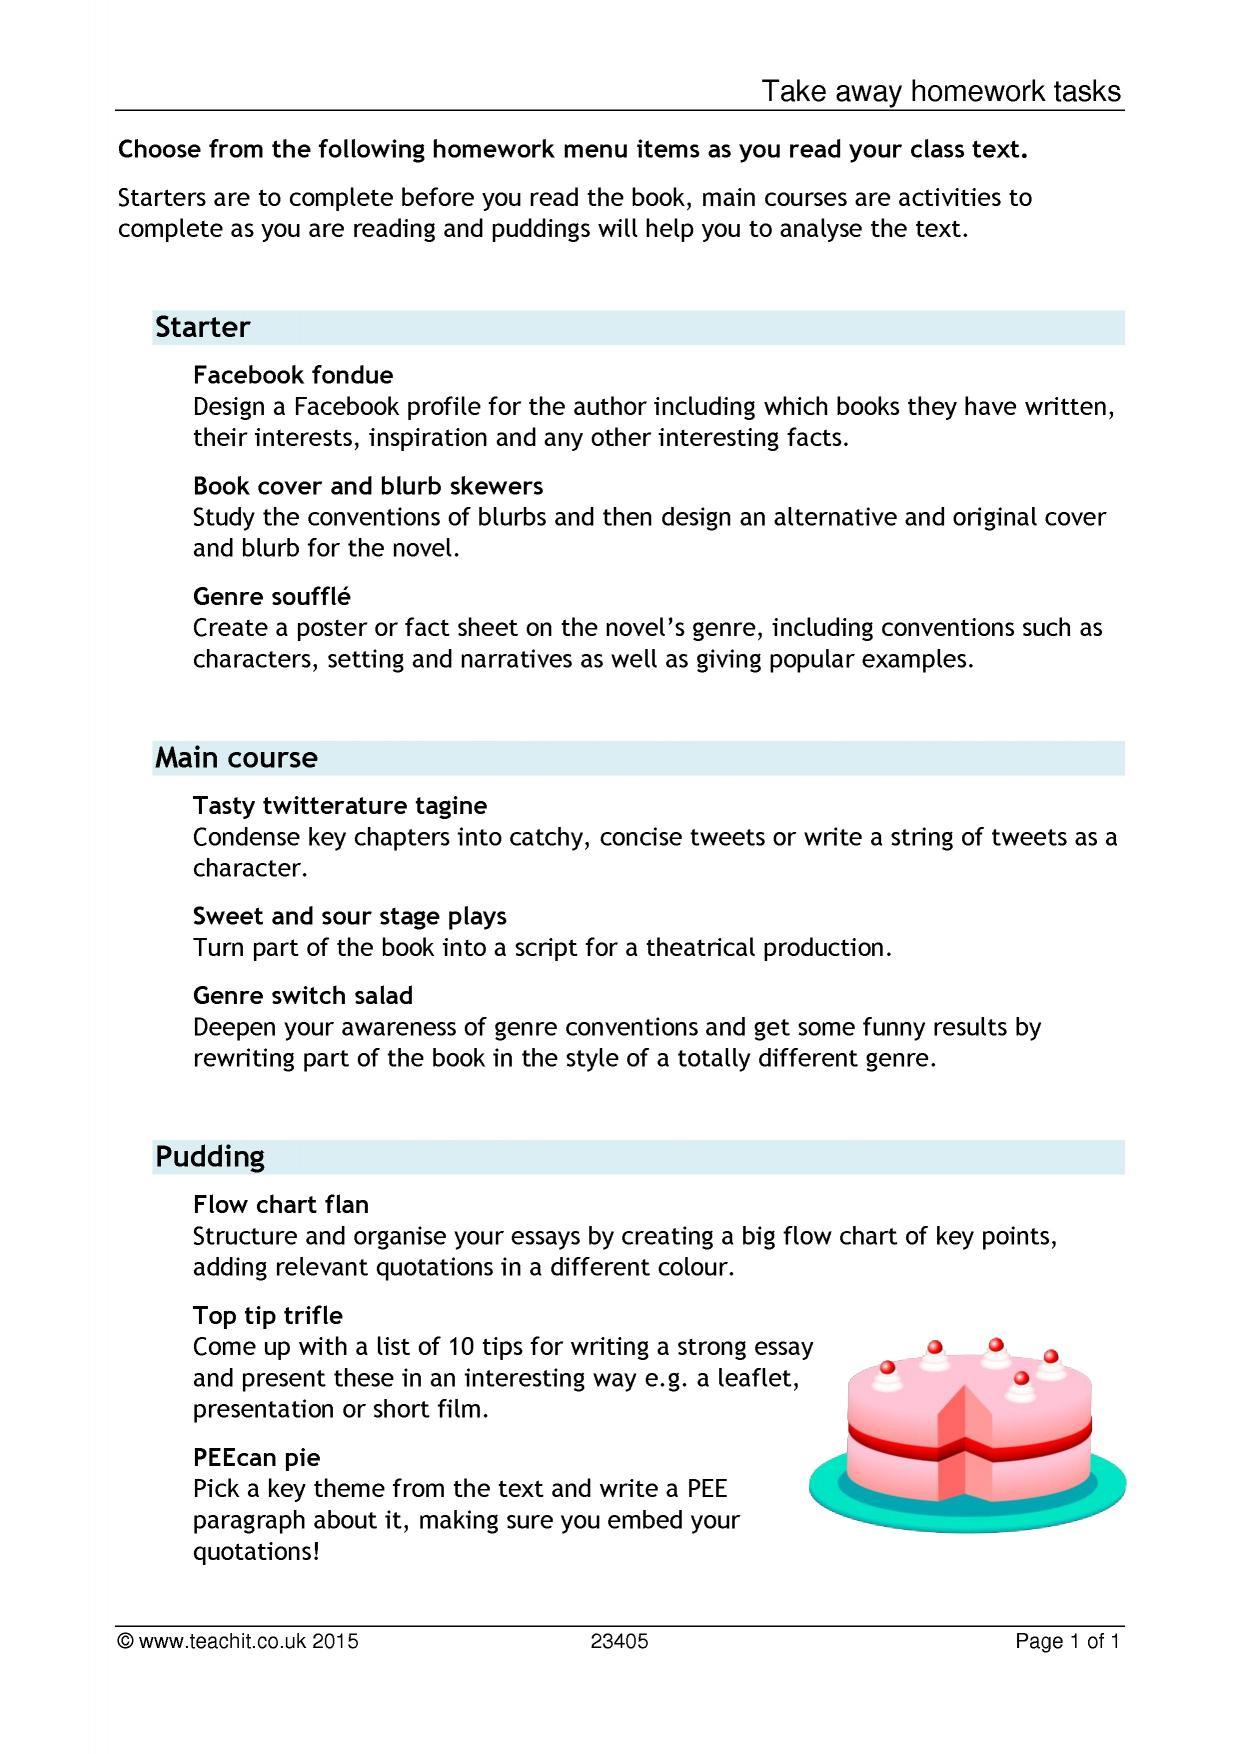 english takeaway homework